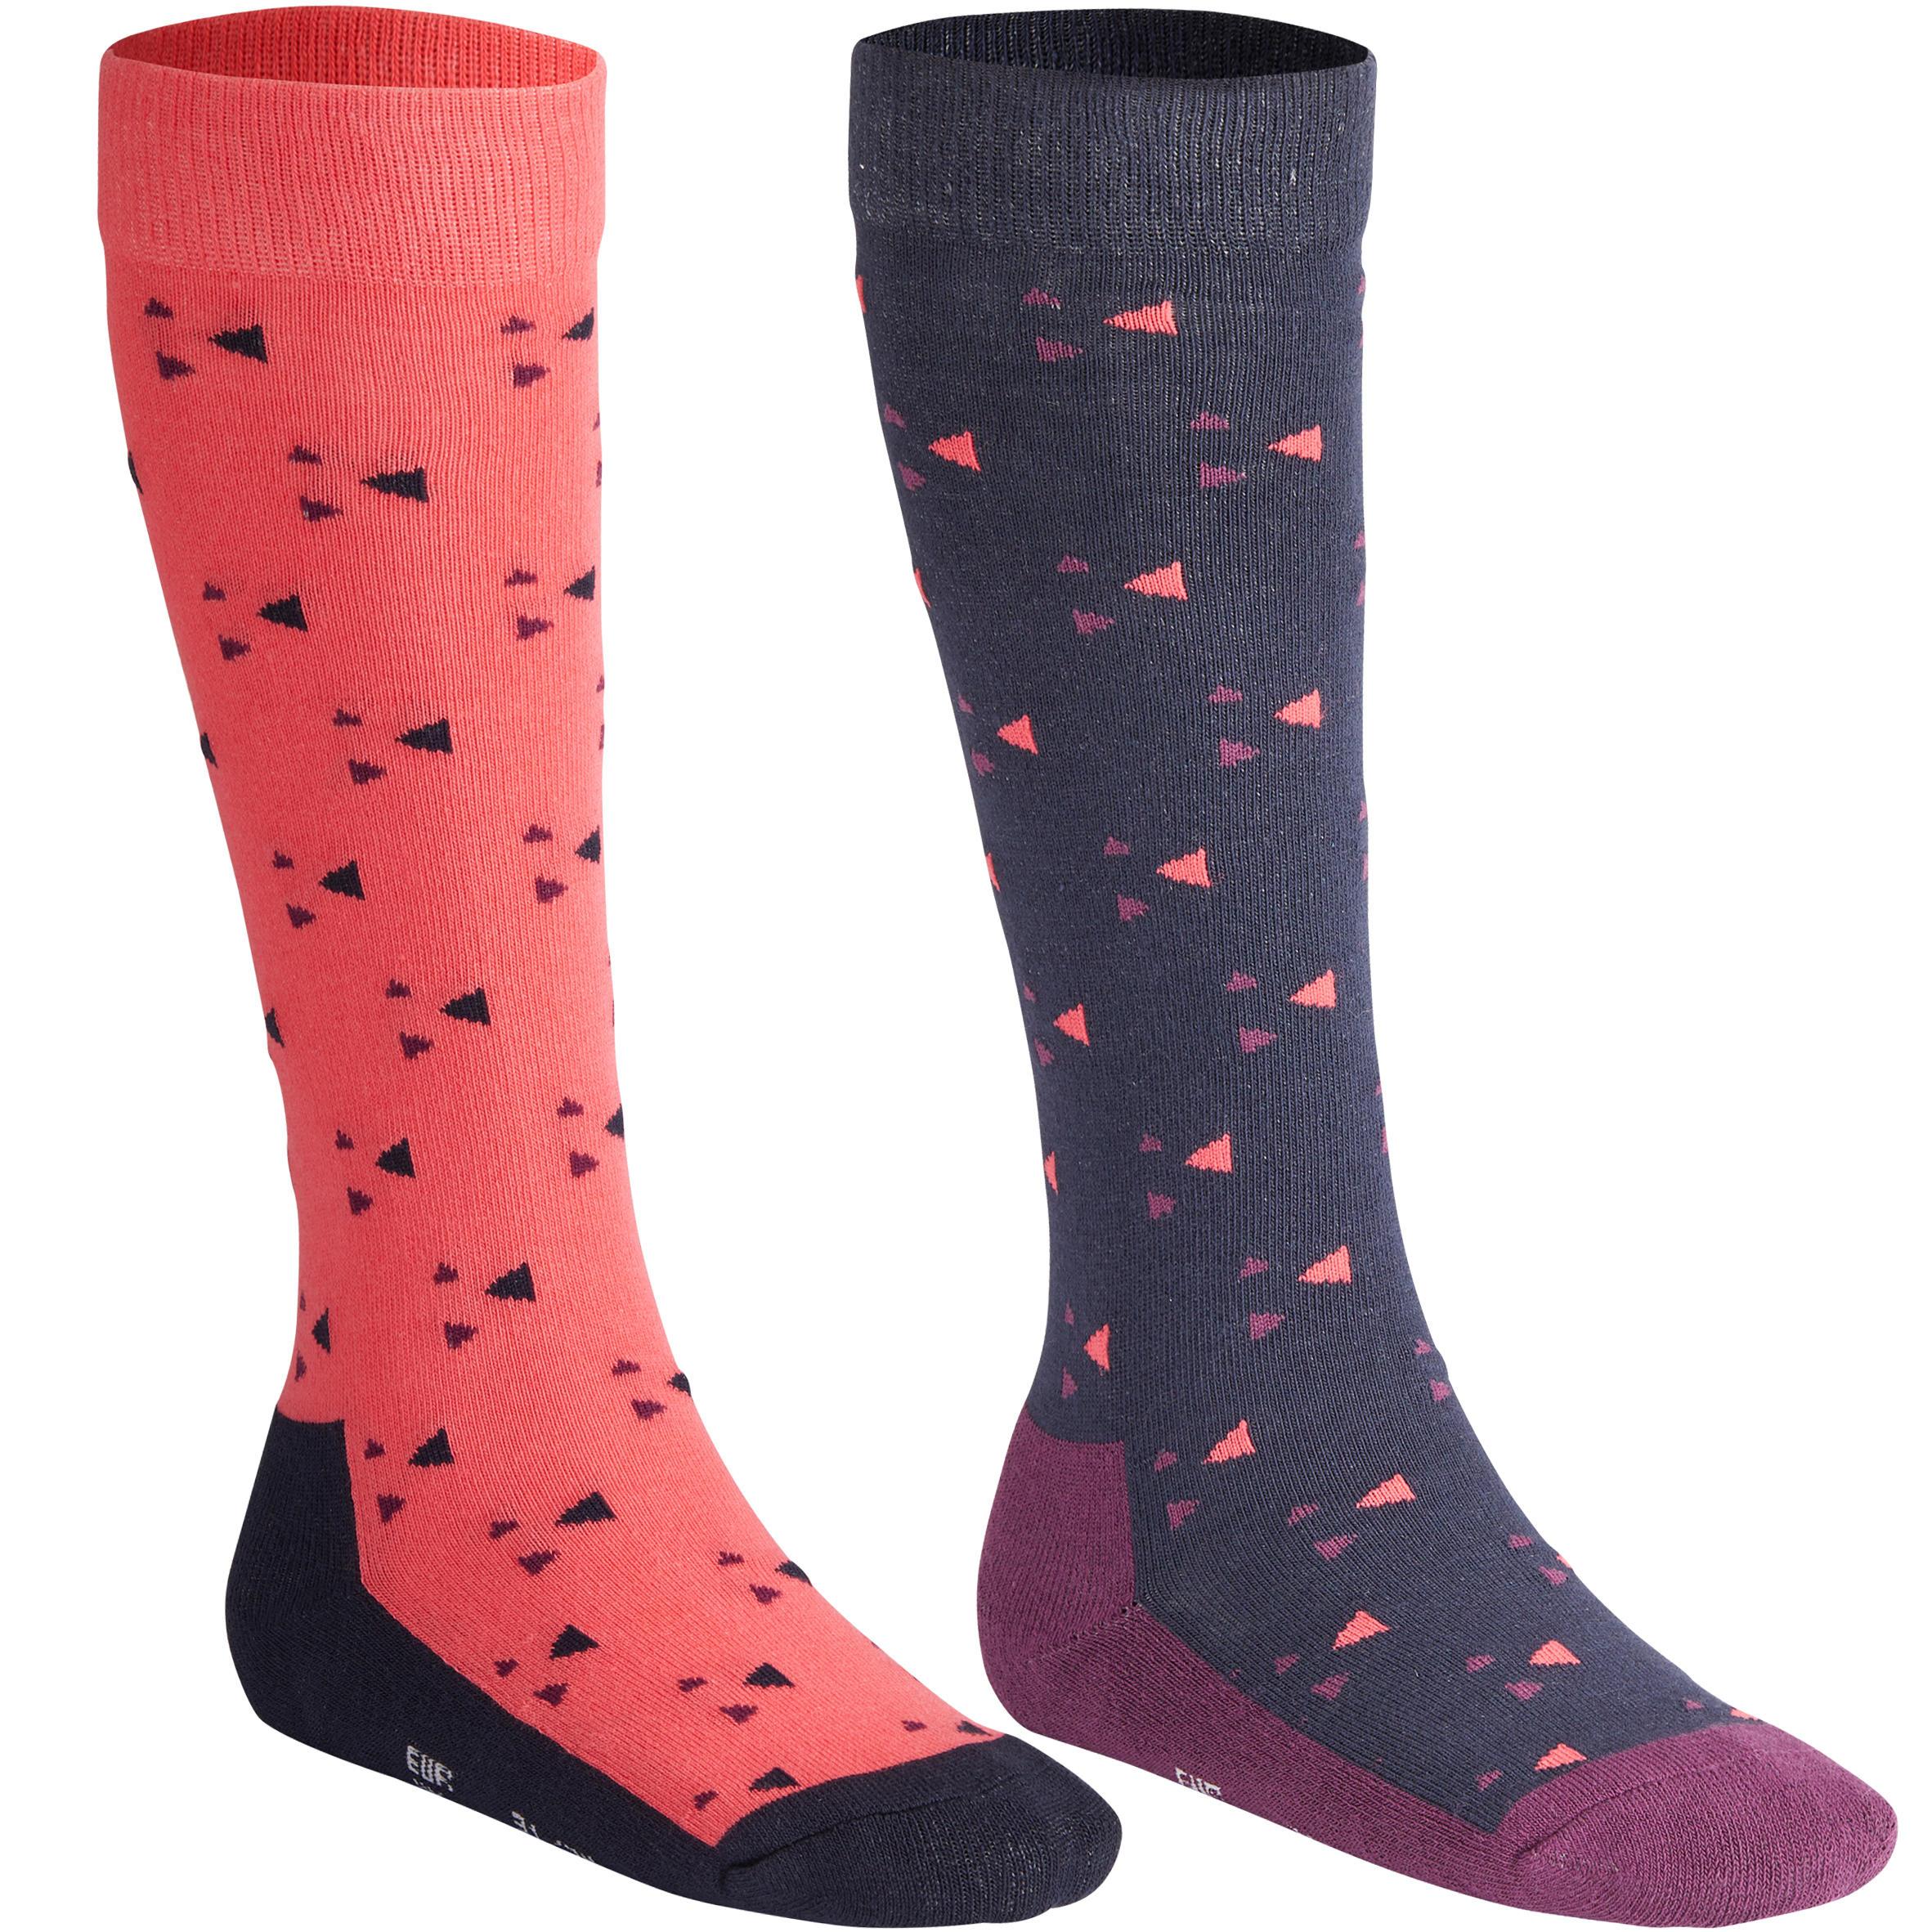 500 Girl Children's Horse Riding Socks 2-Pair - Navy/Pink